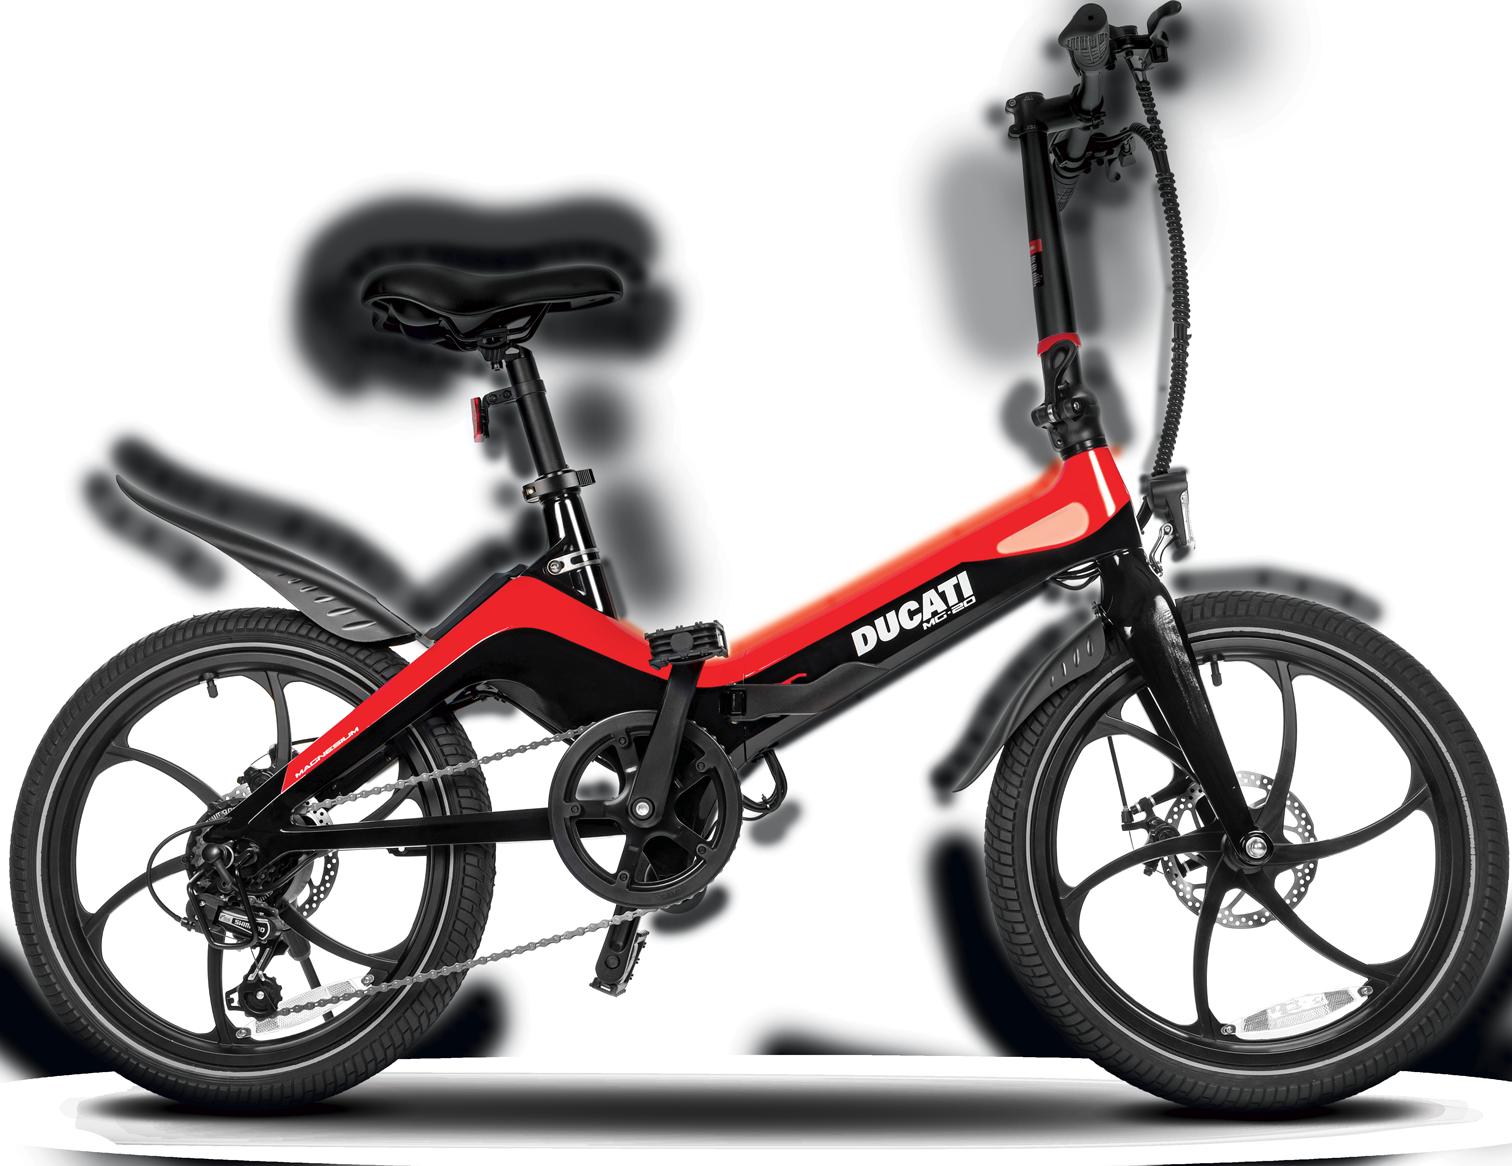 e-Bike Ducati